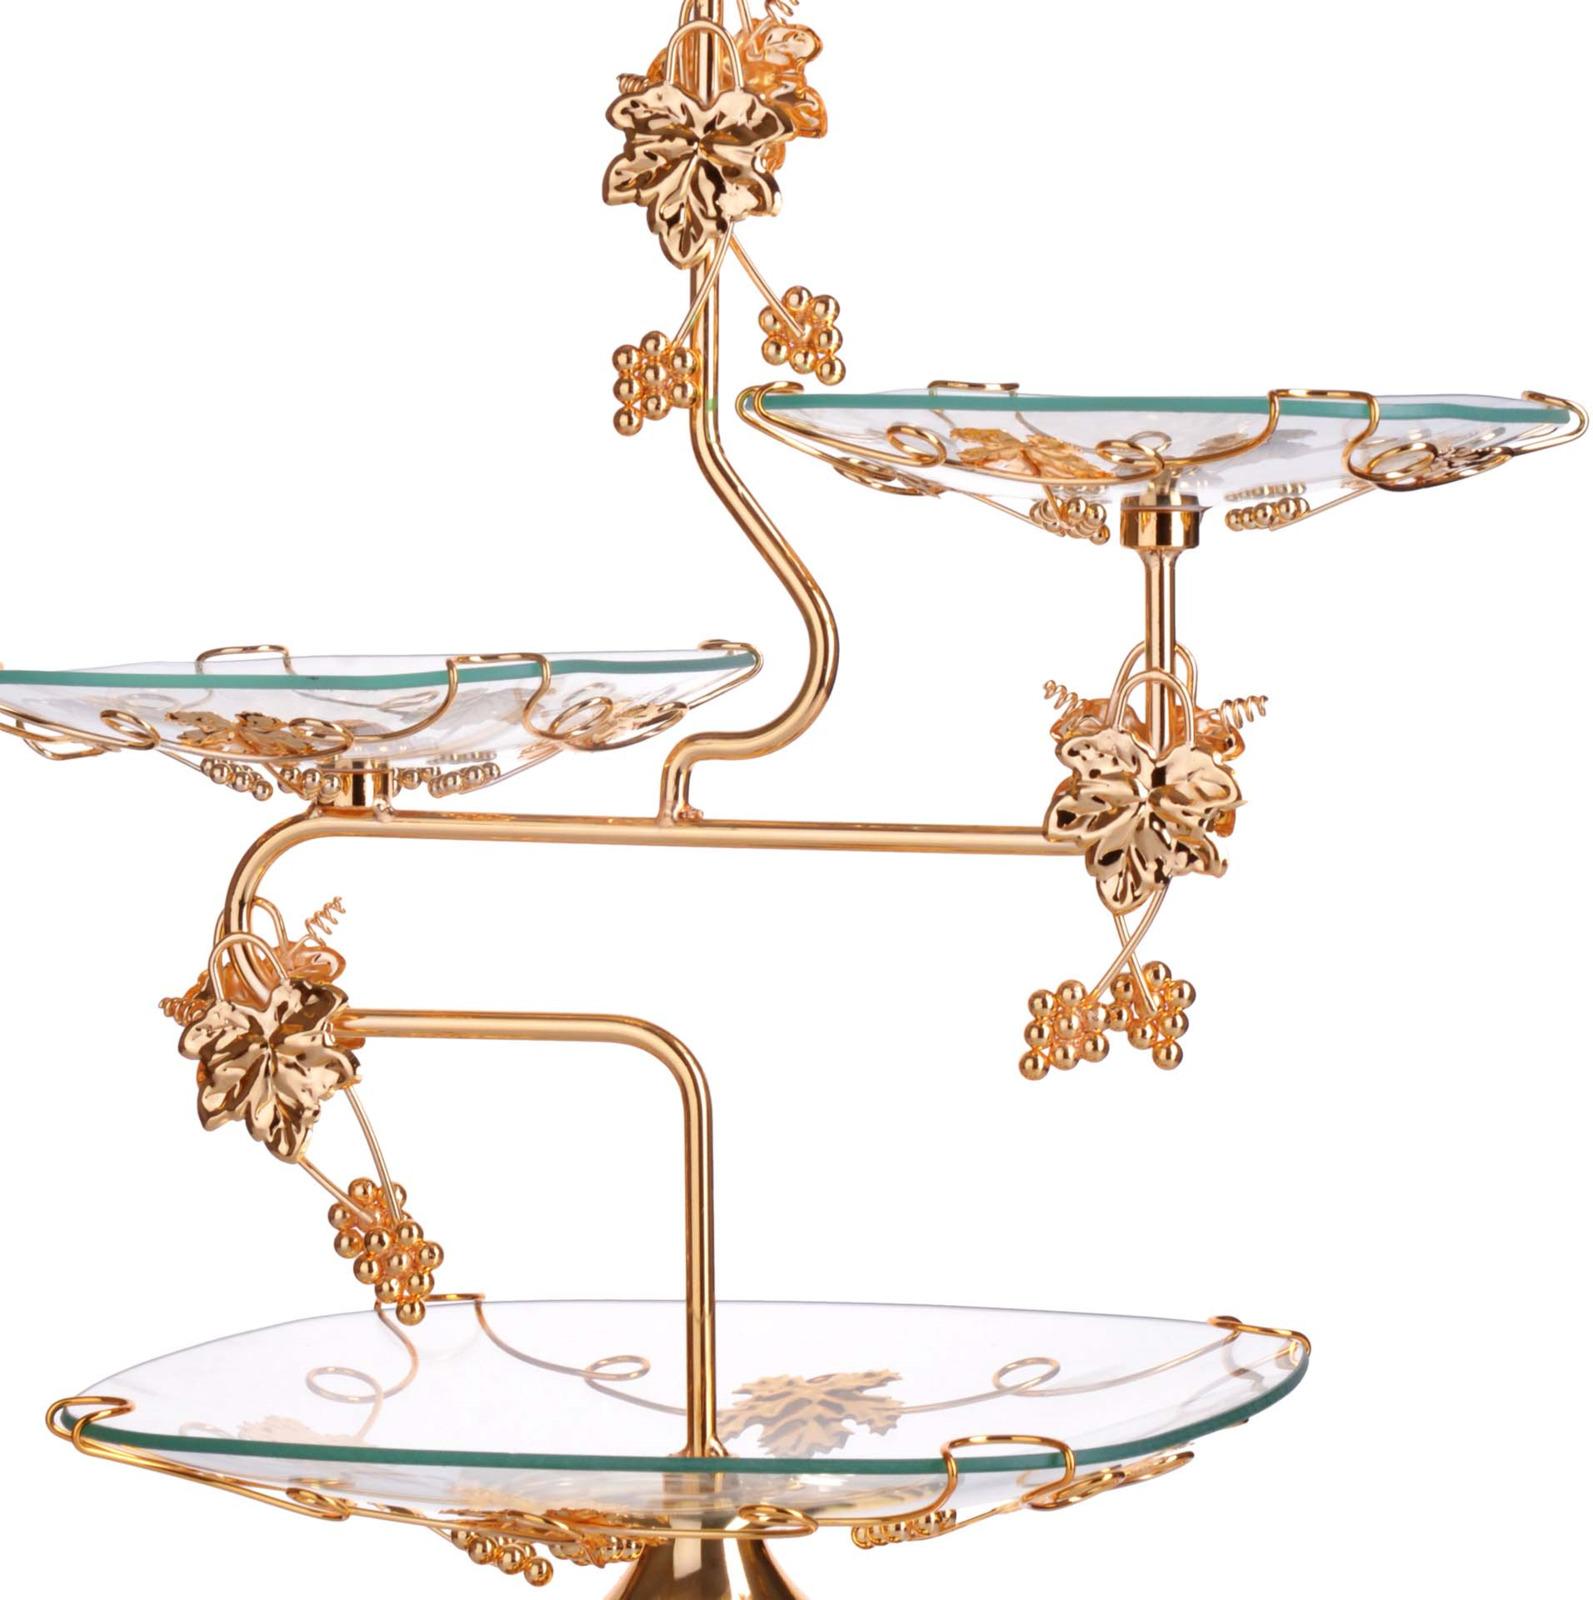 Конфетница Loraine, 3-ярусная, цвет: золотой, высота 52 см конфетница 3 ярусная loraine lr 27539